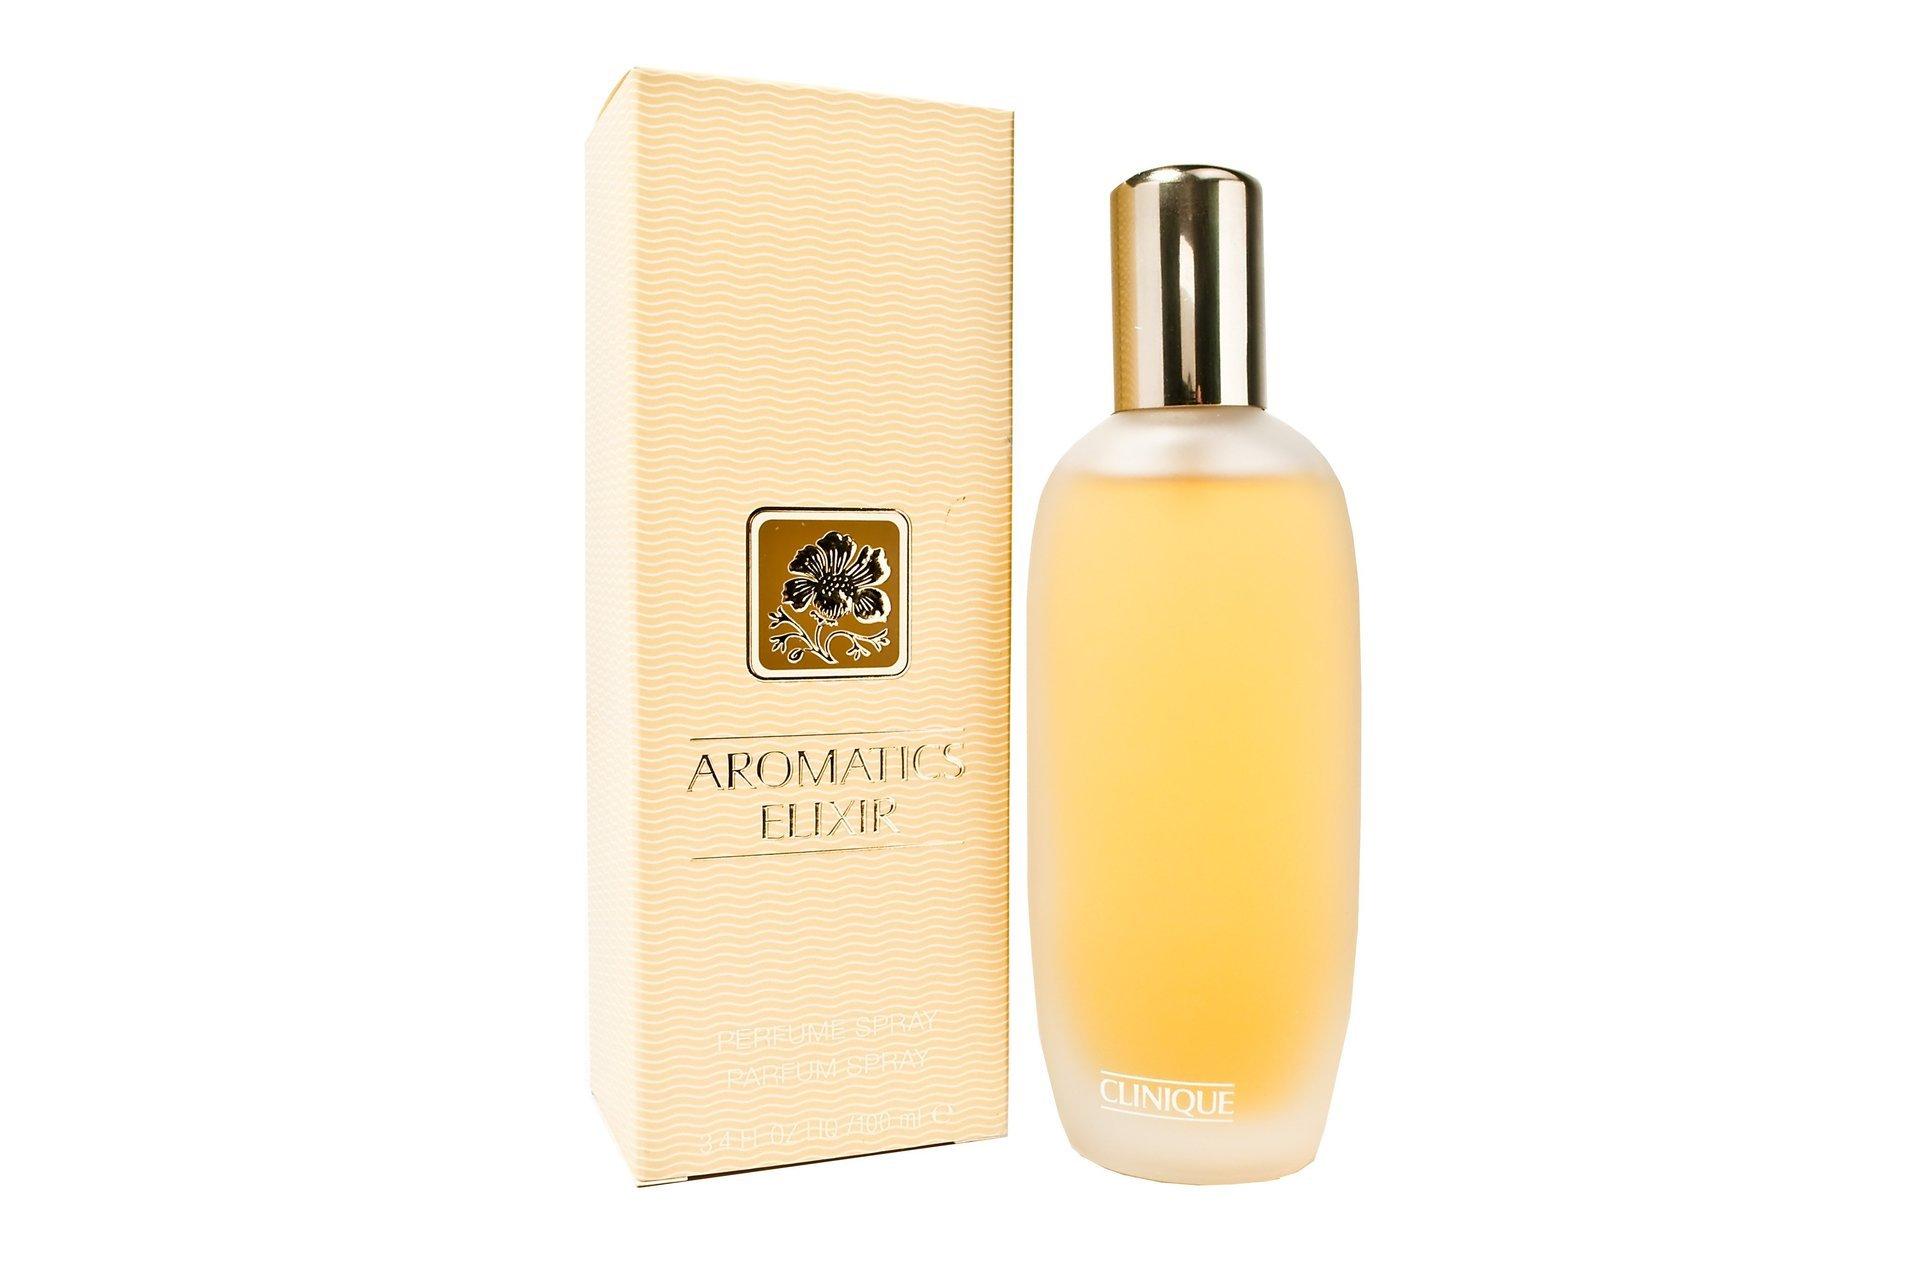 Clinique Aromatics 100ml Eau De Parfum For Her